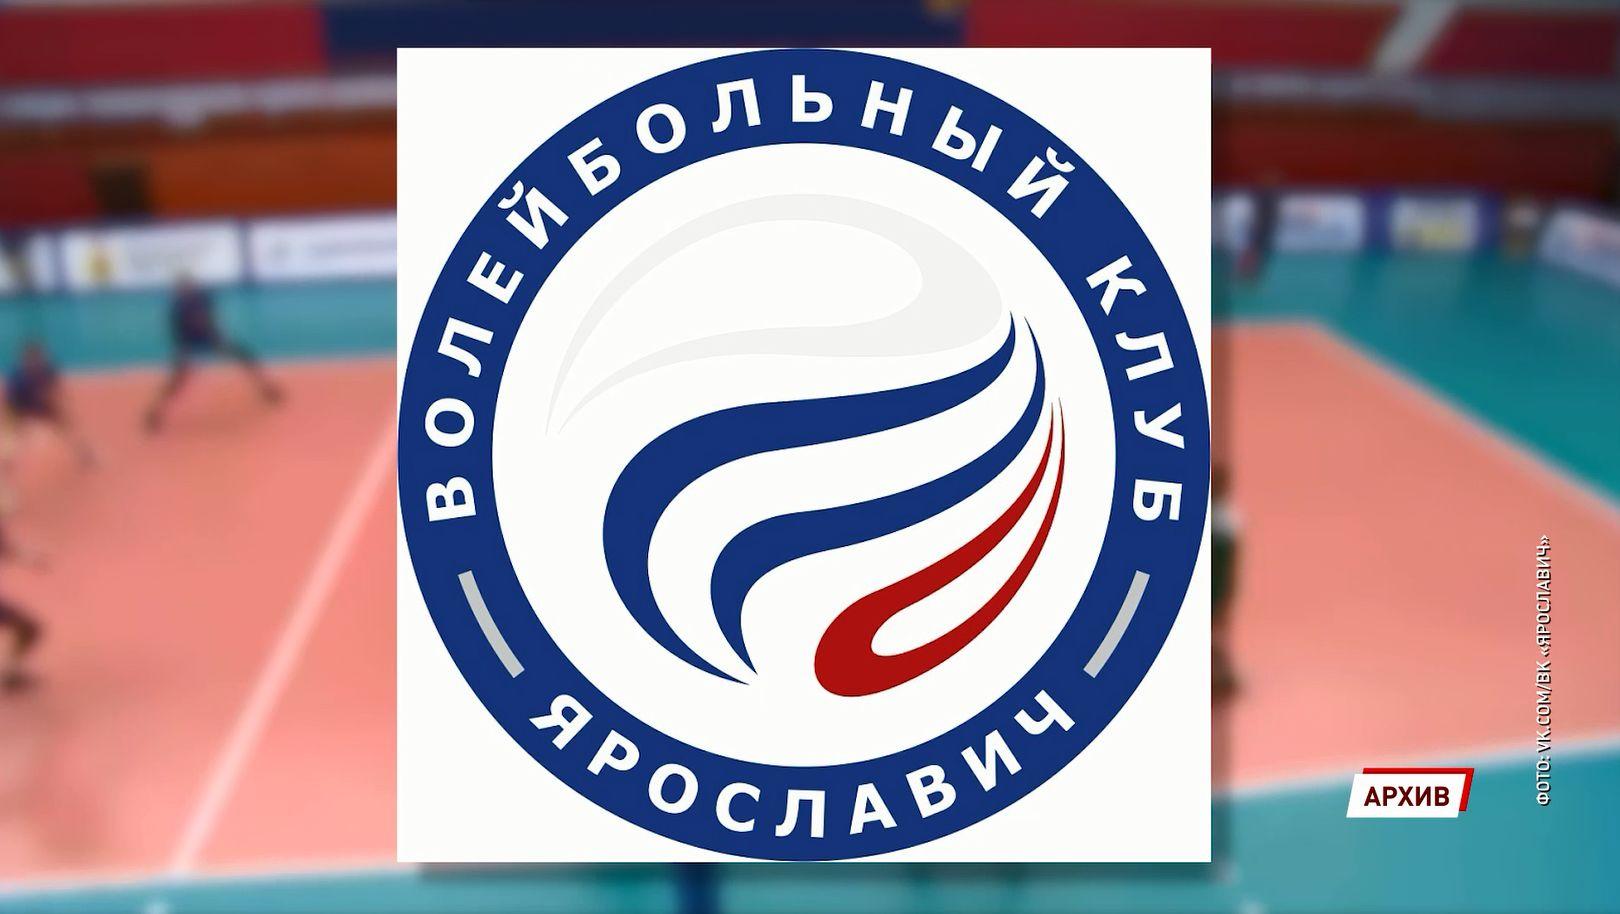 Волейбольный клуб «Ярославич» сменил логотип